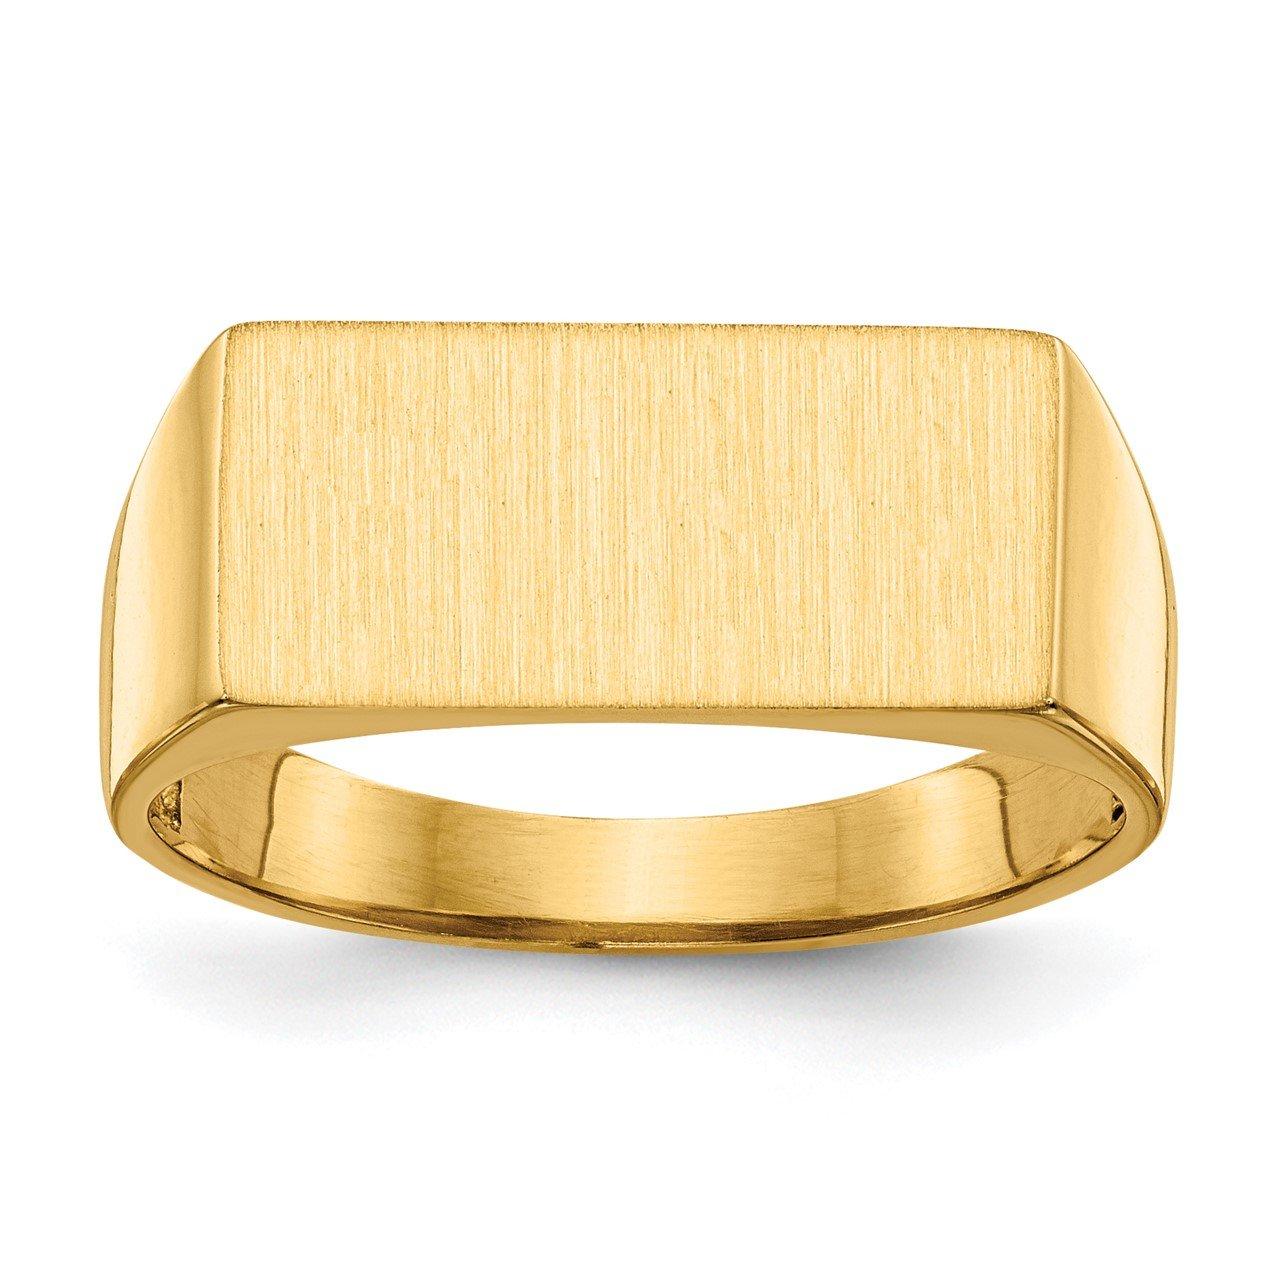 14k 8.0x16.5mm Open Back Men's Signet Ring